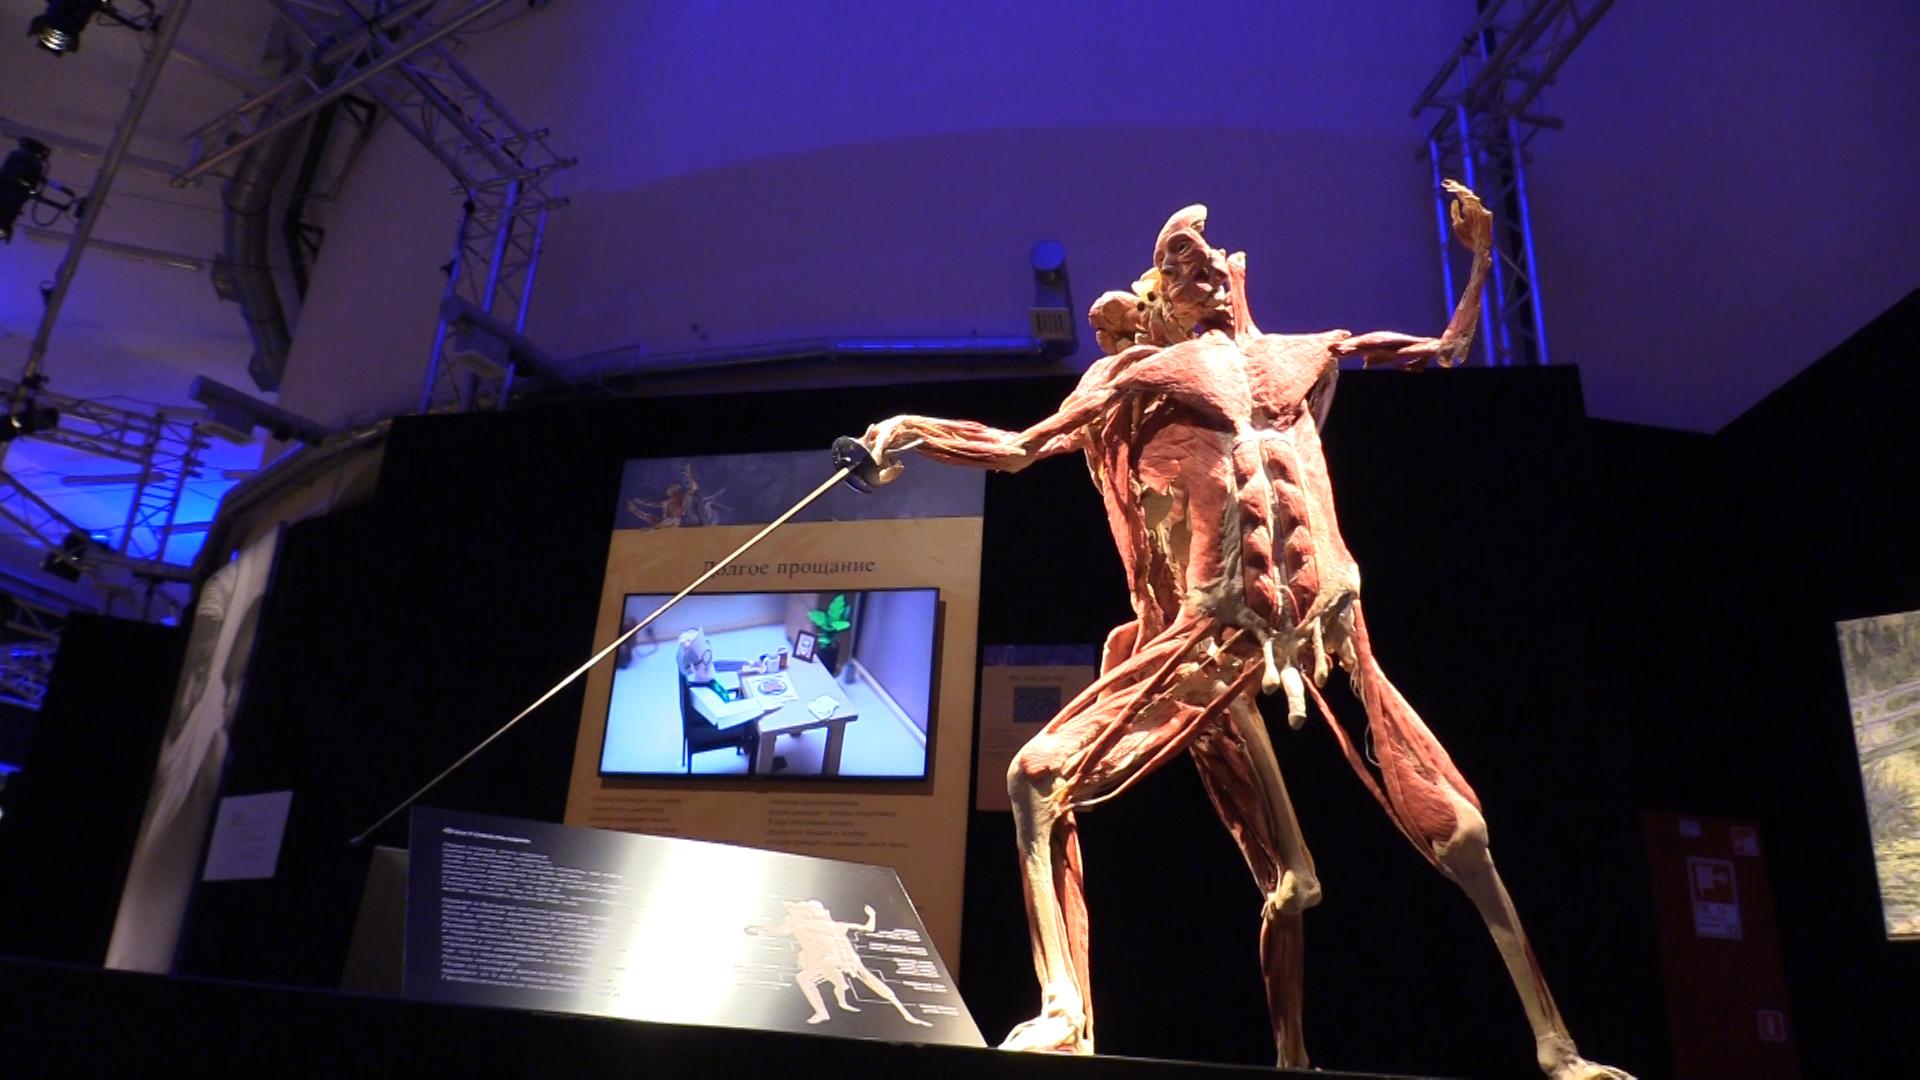 Тело в образе фехтовальщика. В разрезе на его спине можно рассмотреть внутренние органы человека в естественном положении. Фото © LIFE